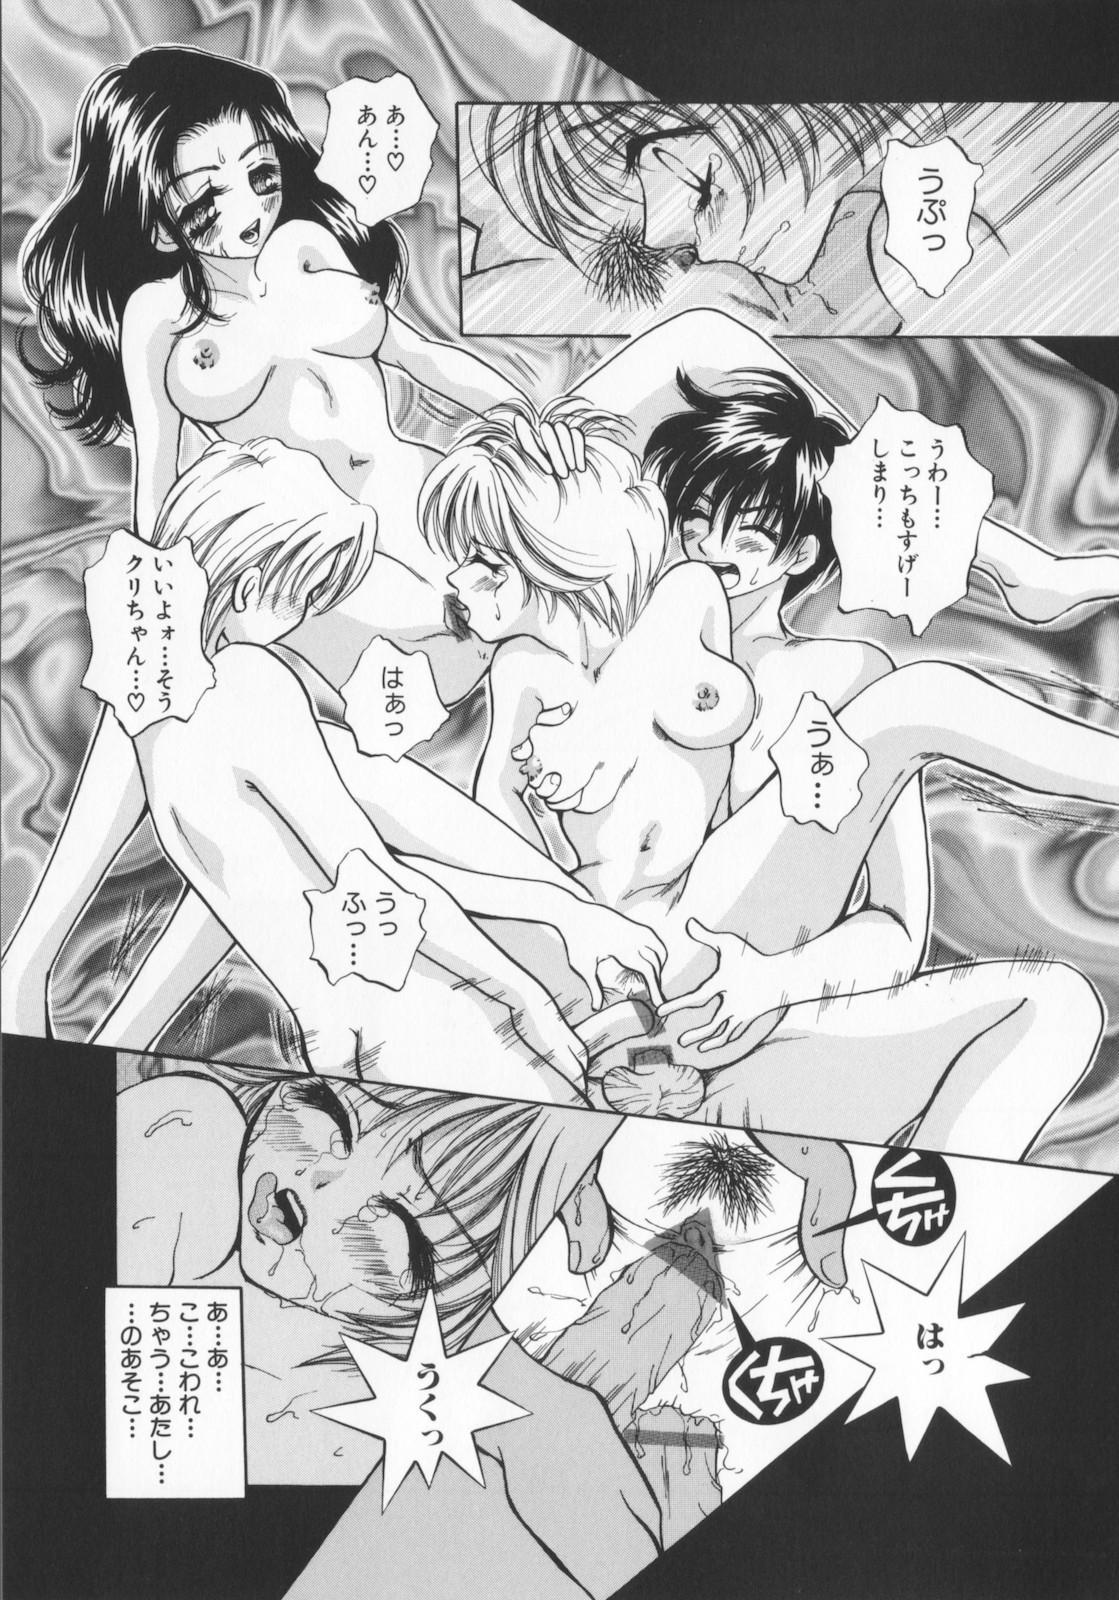 Kichiku dorei 32